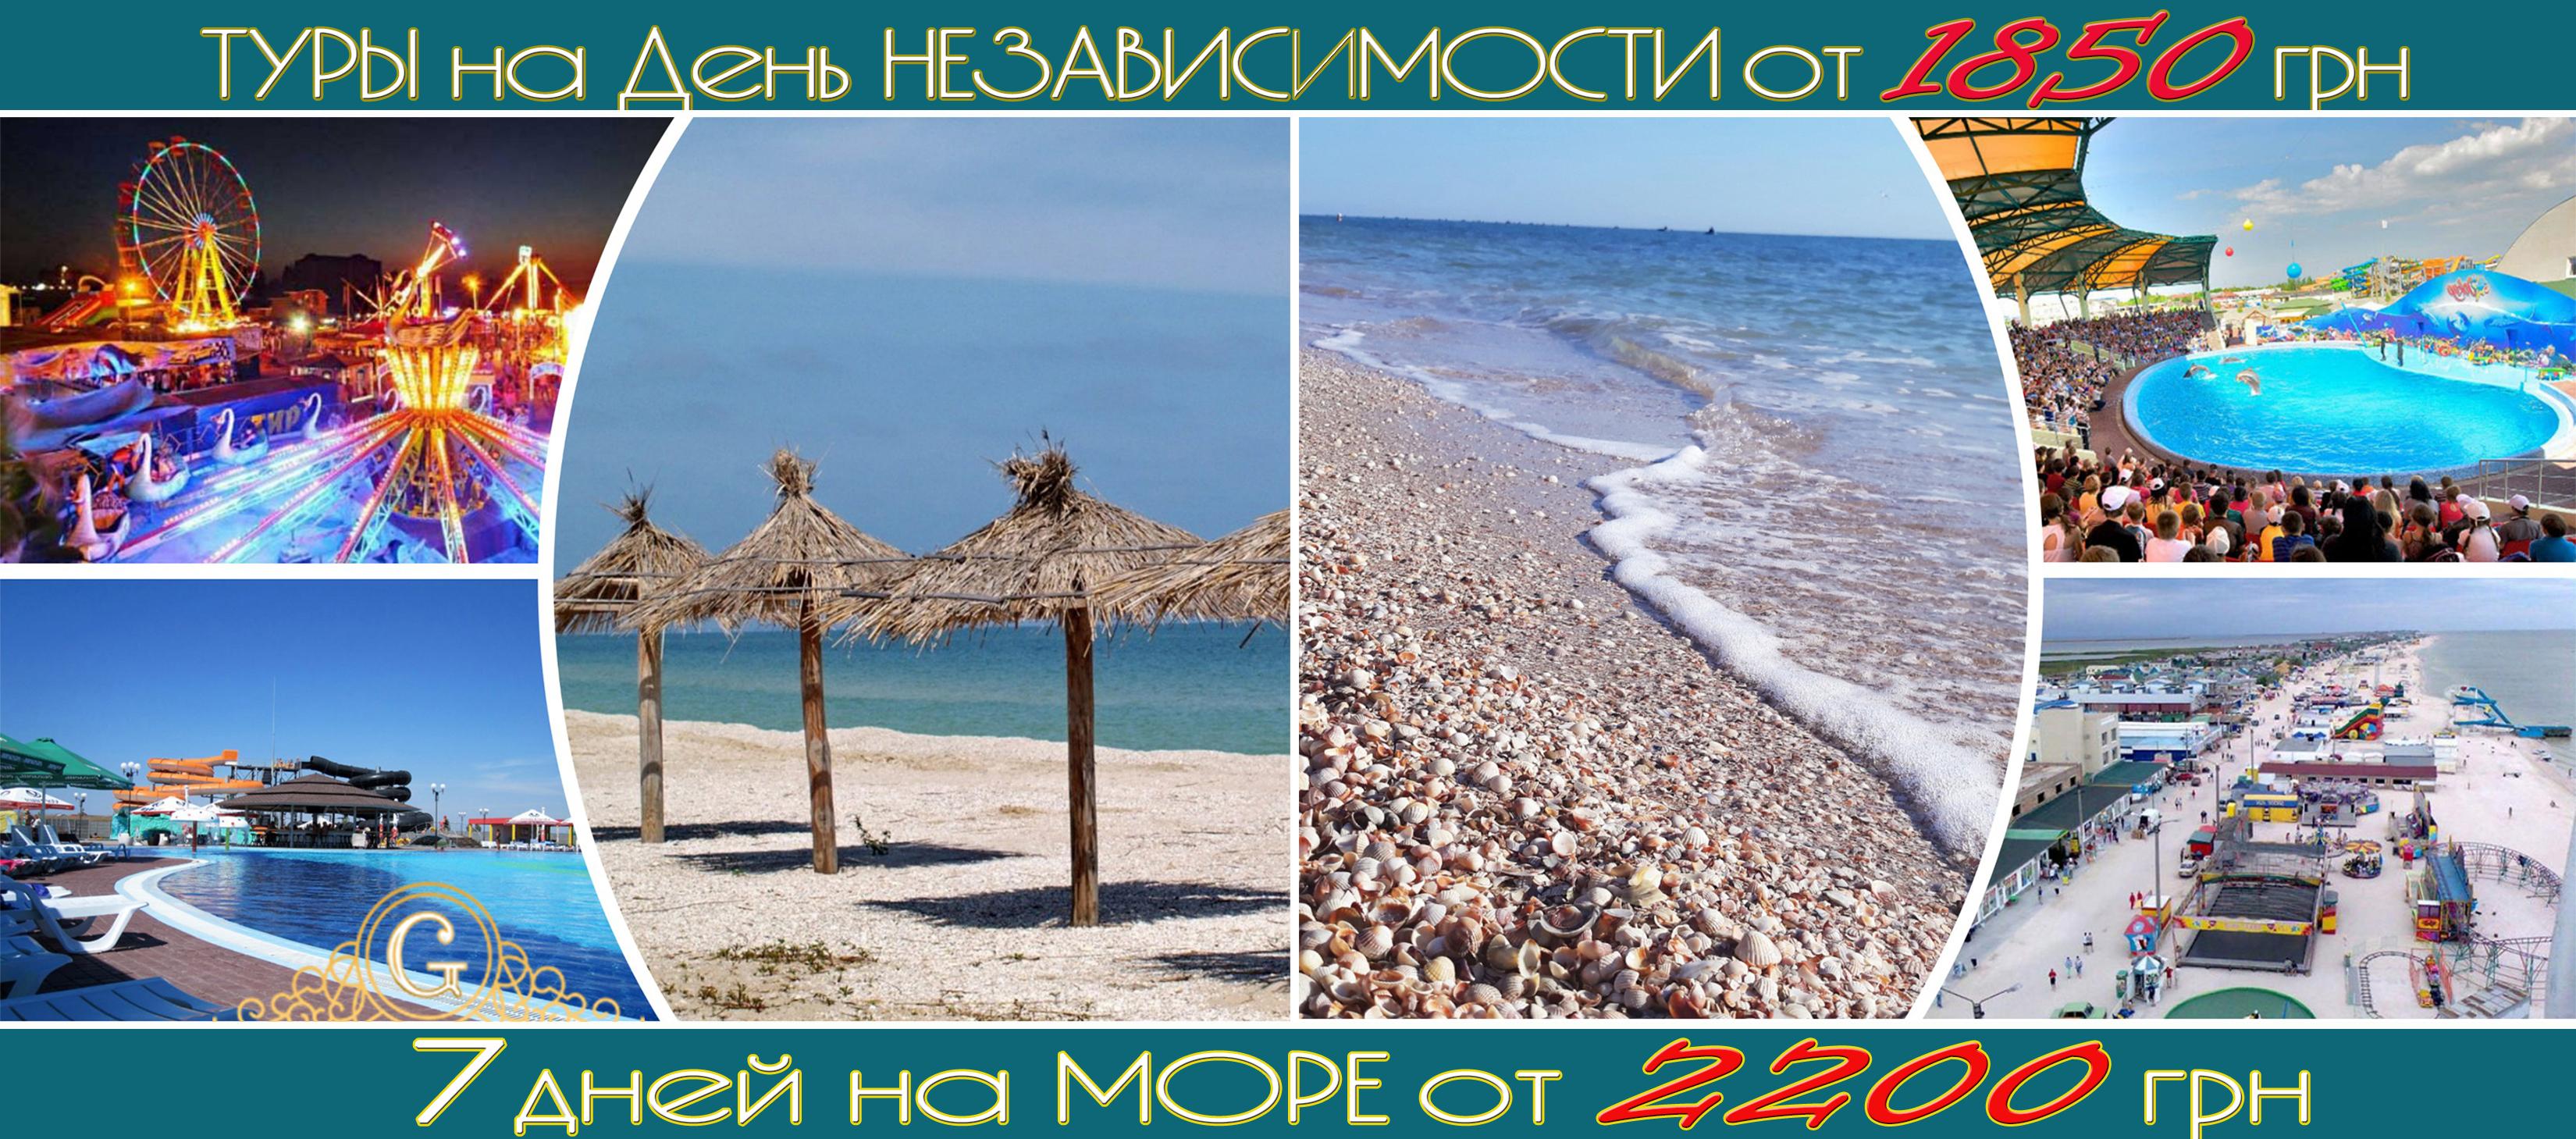 фото Отдых-в-Кирриловке-из-Харькова-развлечения-Азовское-море-картинка